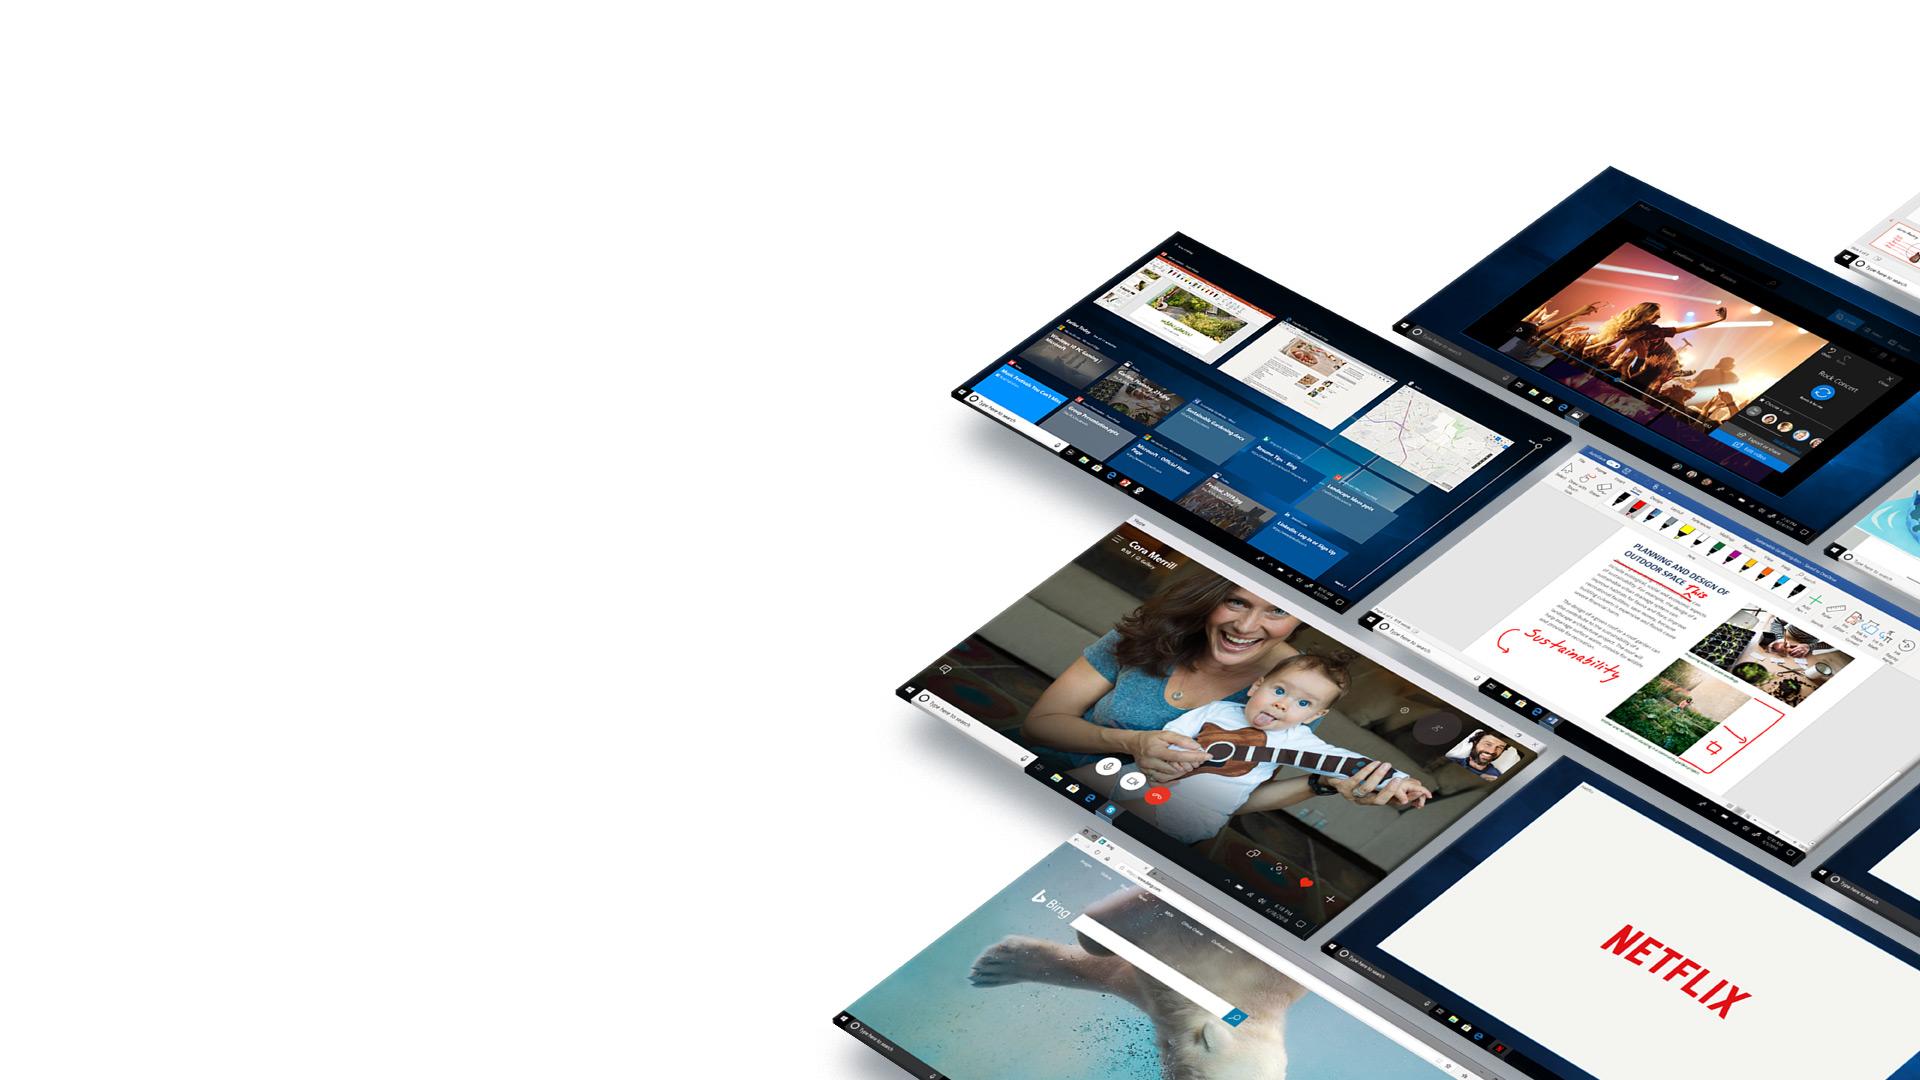 Windows 10-es képernyők mozaikja, különböző megnyitott alkalmazásokkal és programokkal